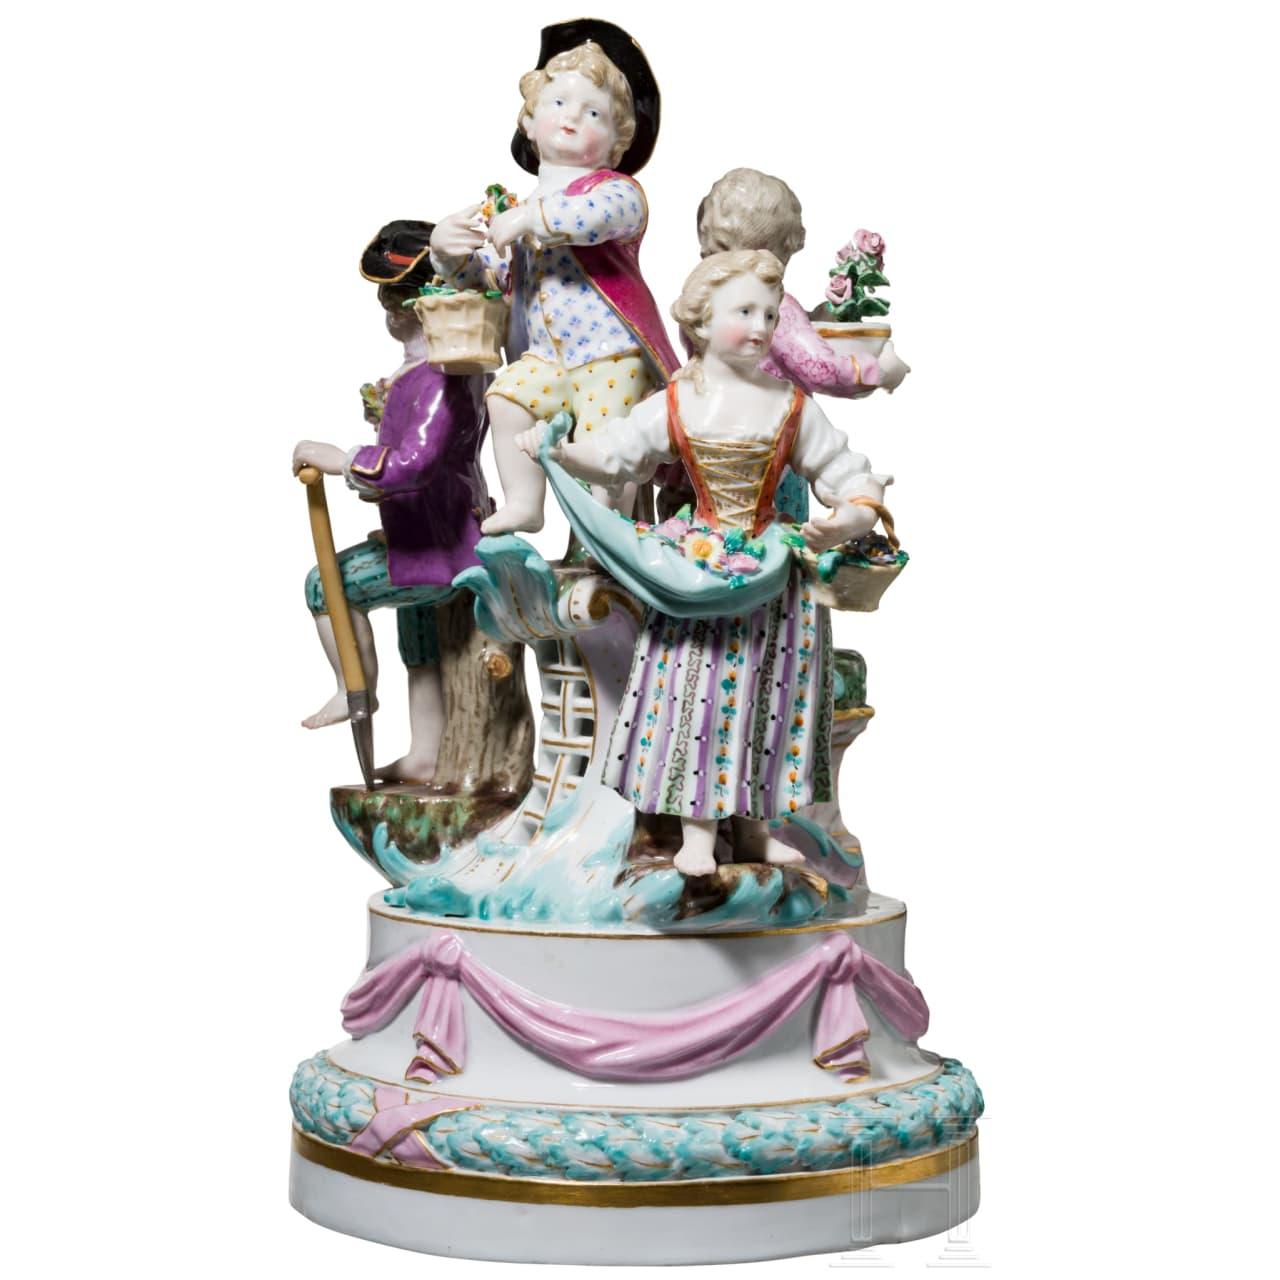 Kleines Surtout de table in Form einer Louis XVI-Girlande mit Gärtnerkindern, Meißen, 19. Jhdt.